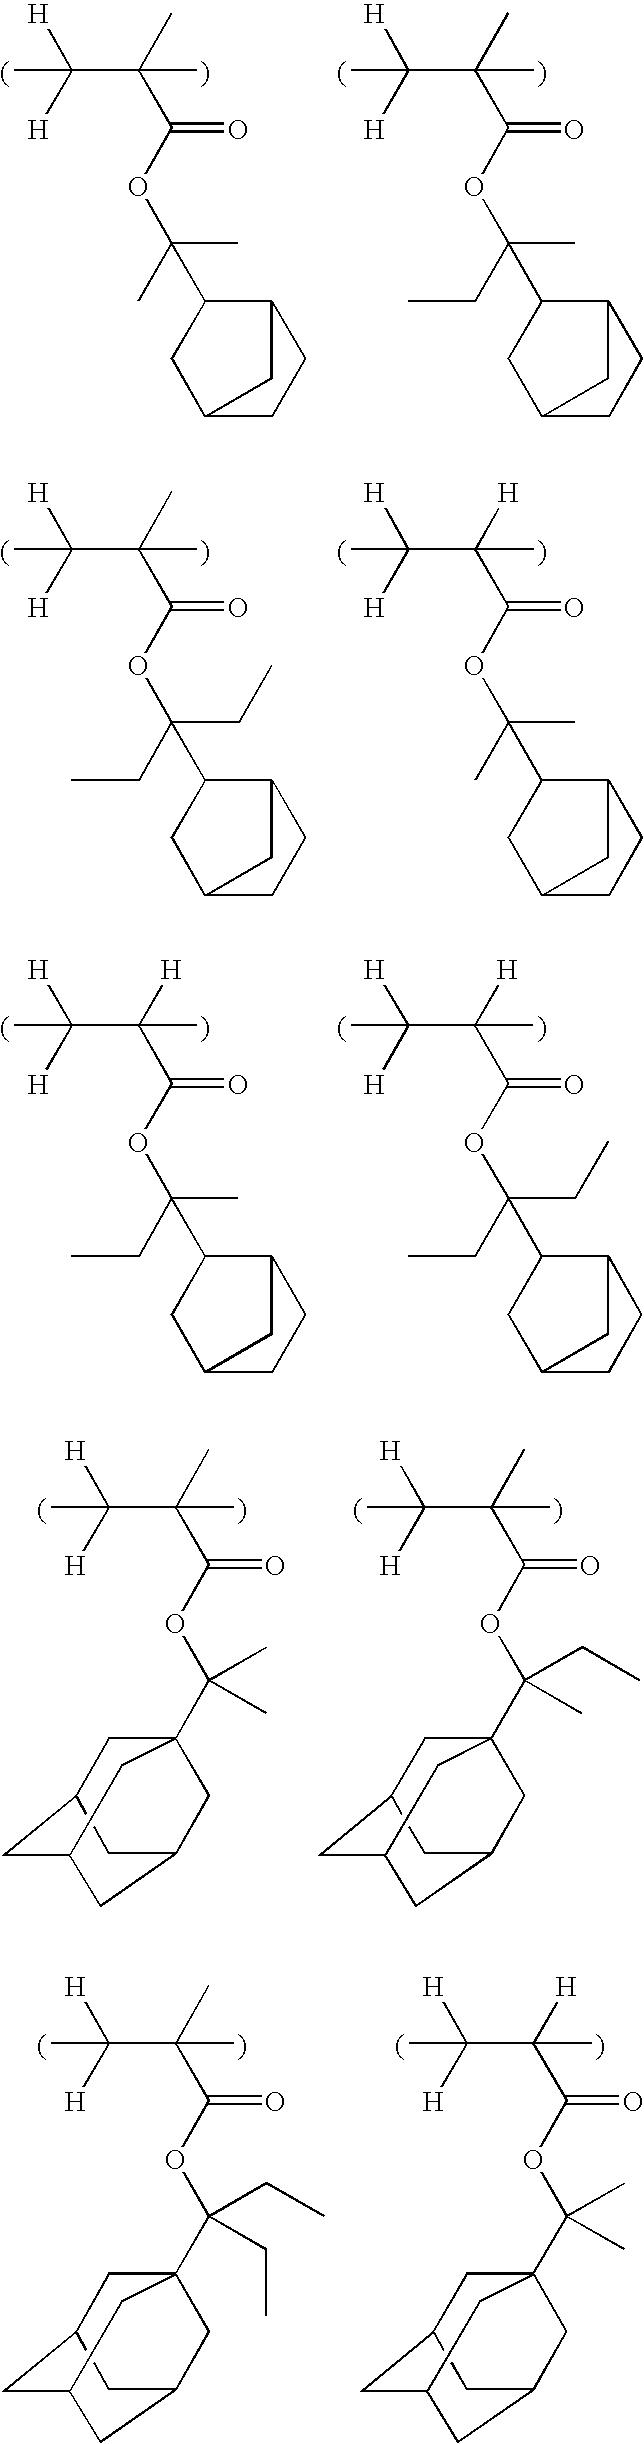 Figure US20080026331A1-20080131-C00041